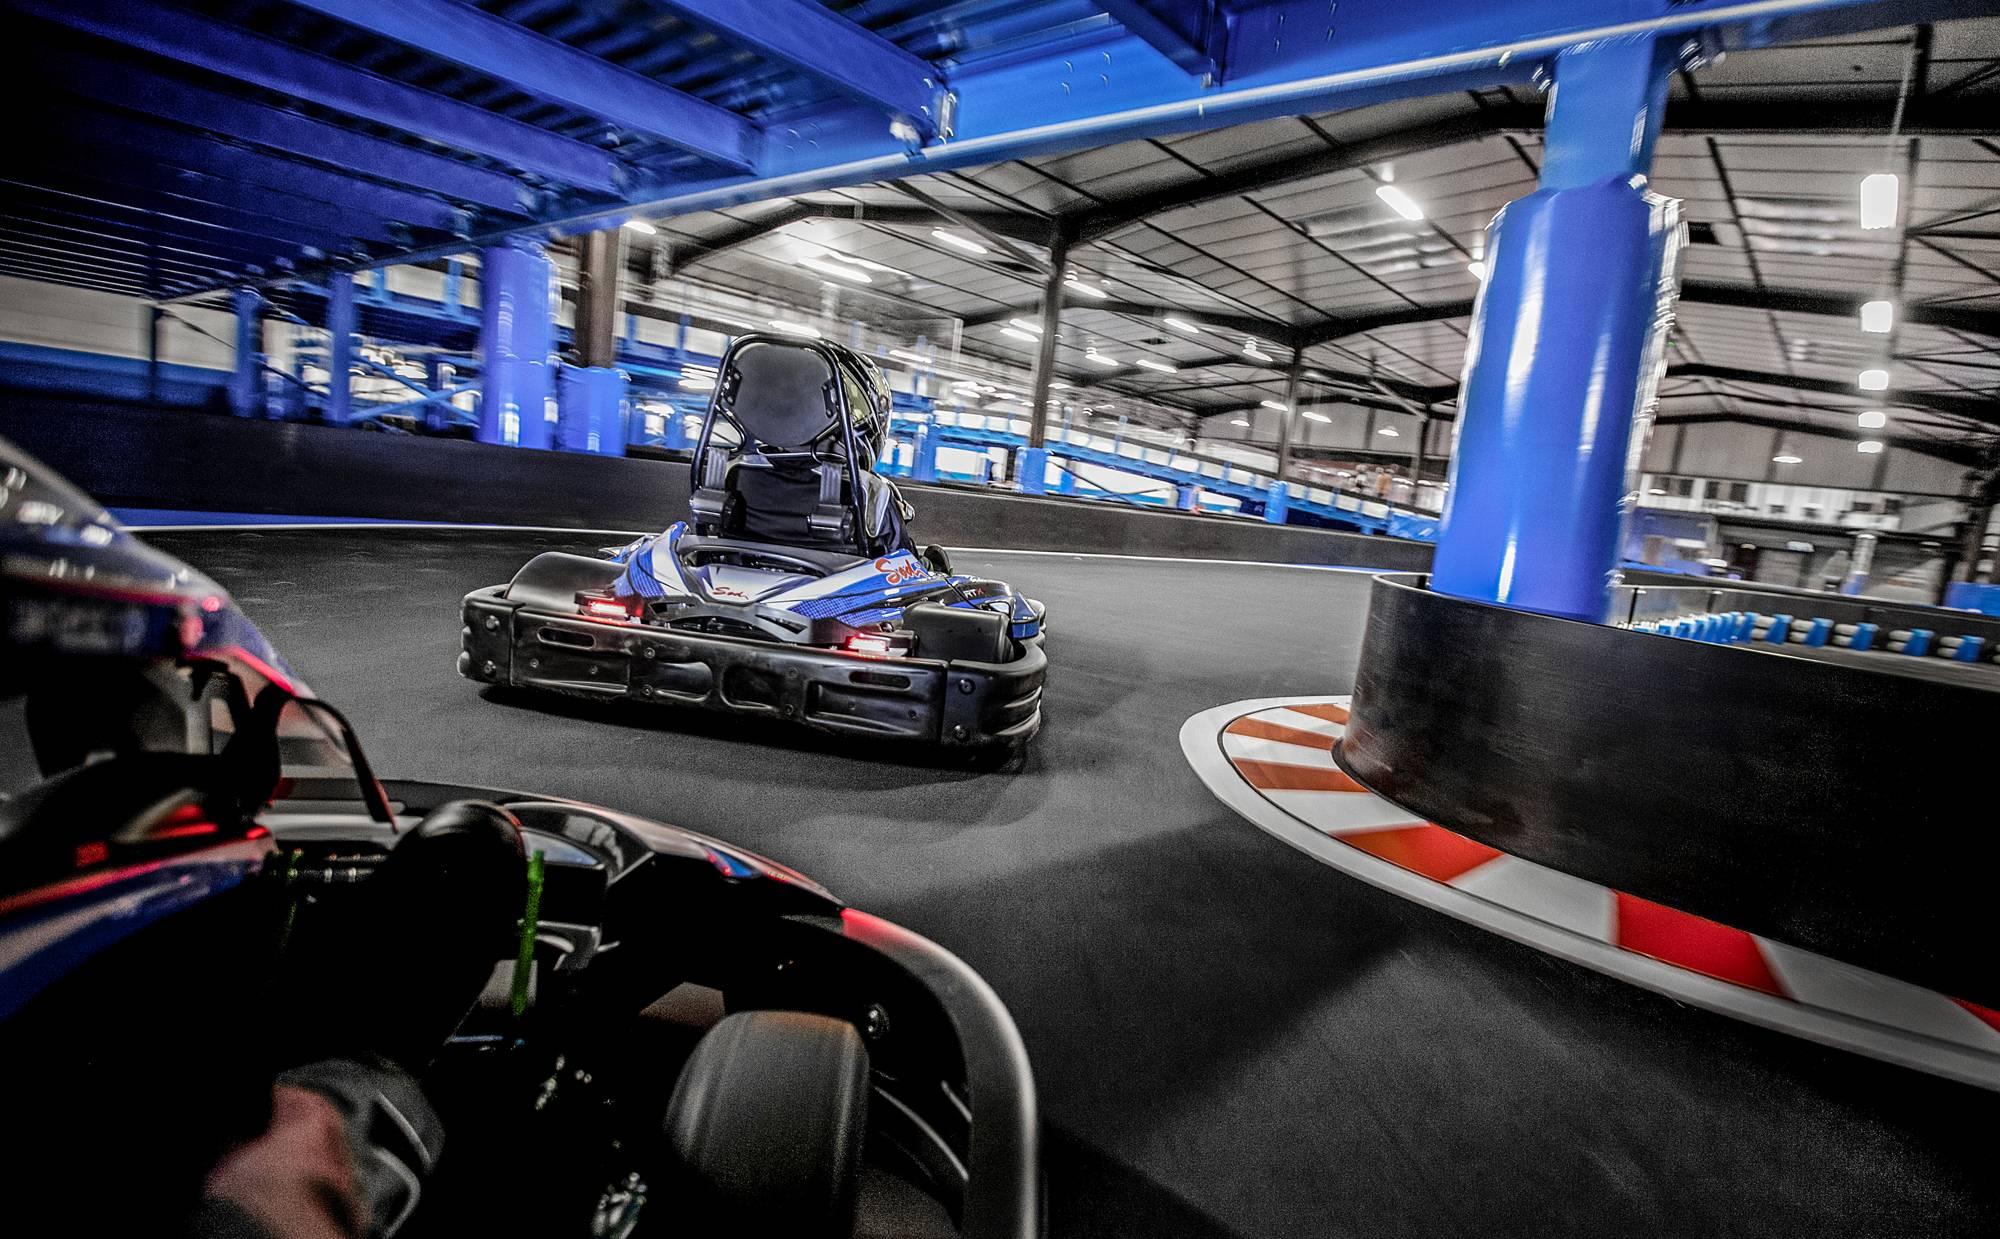 piste de kart multi-niveaux à lyon